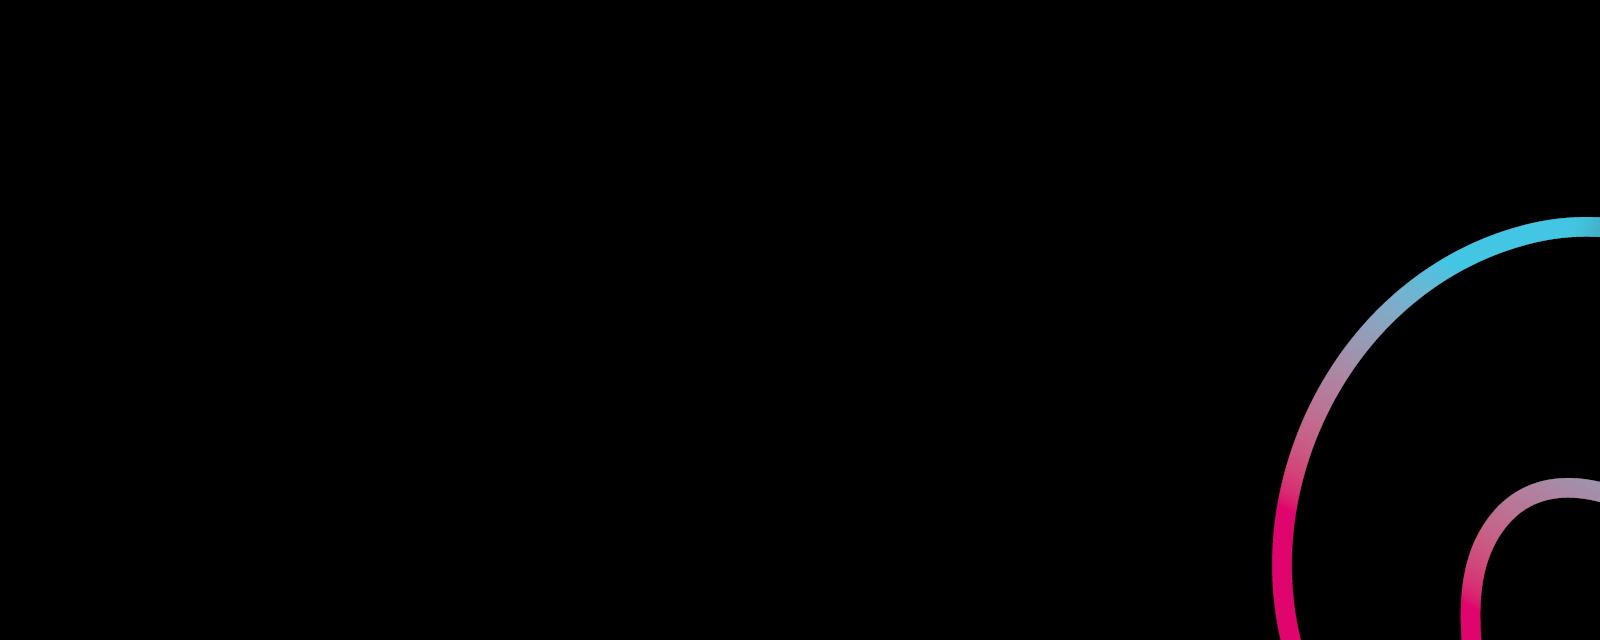 Website Banner Black Filler with MS v2